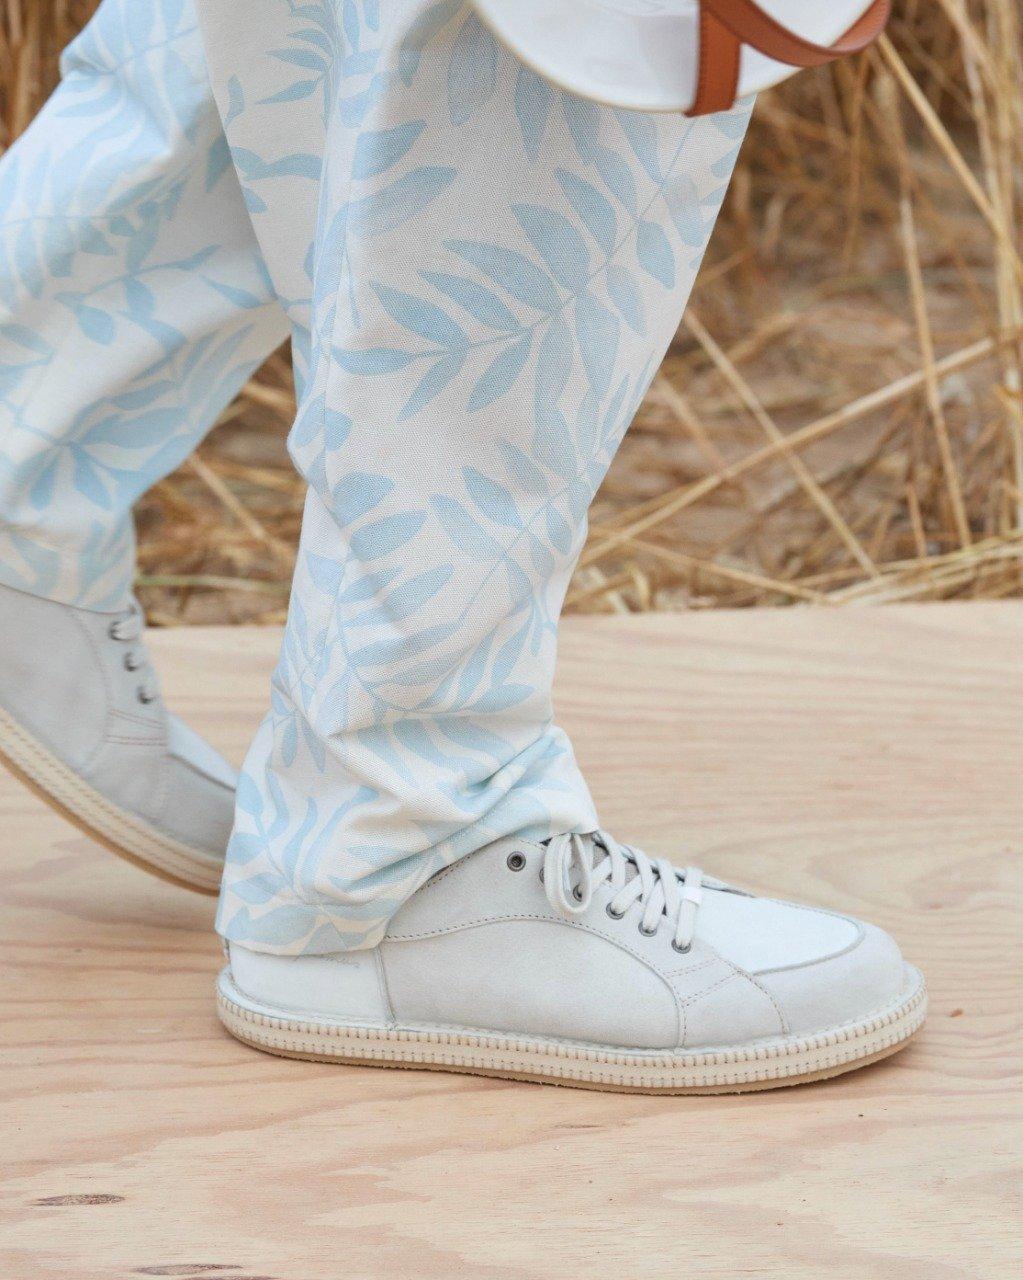 أحذية رياضية للرجل موضة صيف 2021-2